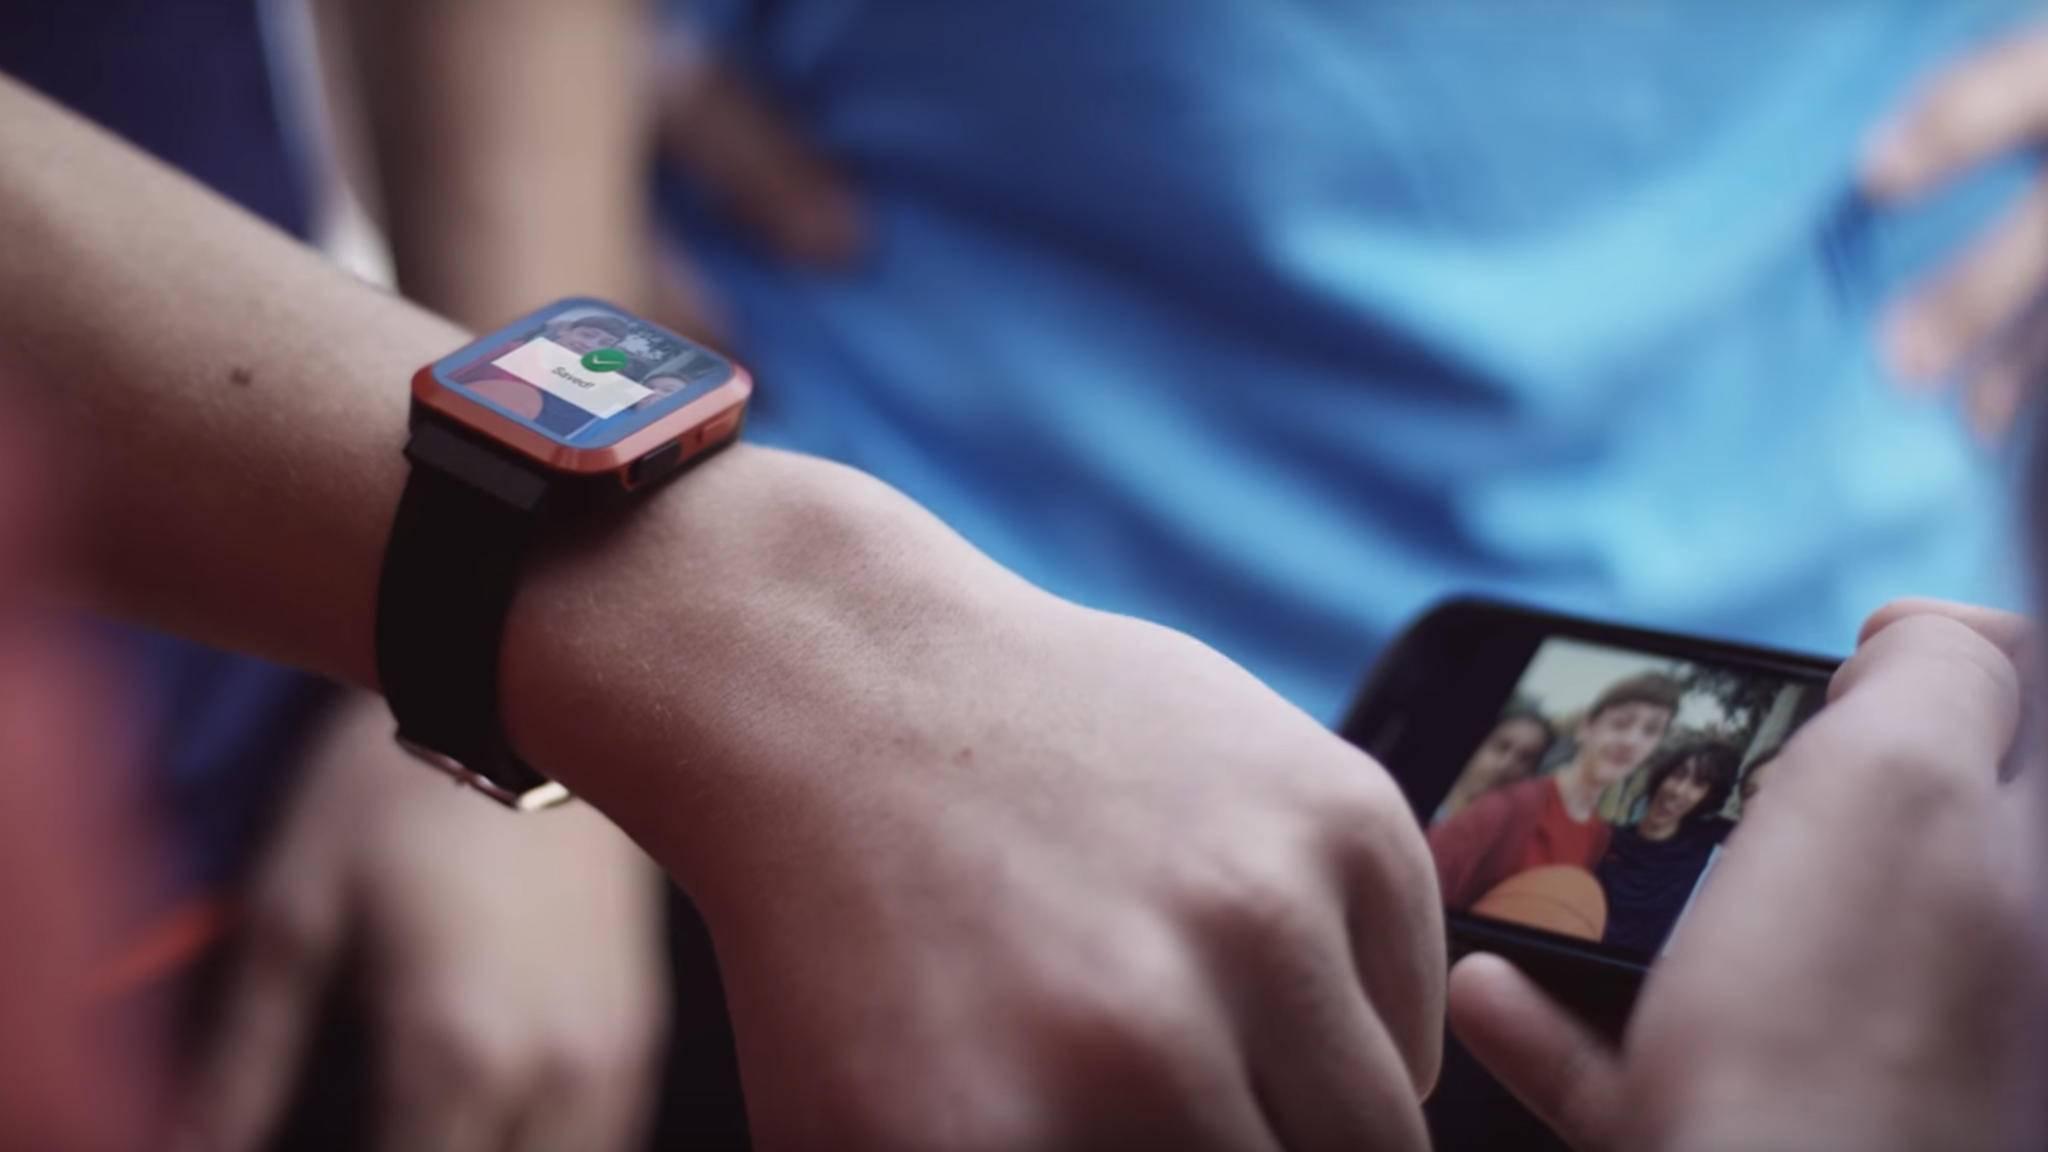 Gameband ist eine Smartwatch speziell für Spieler.